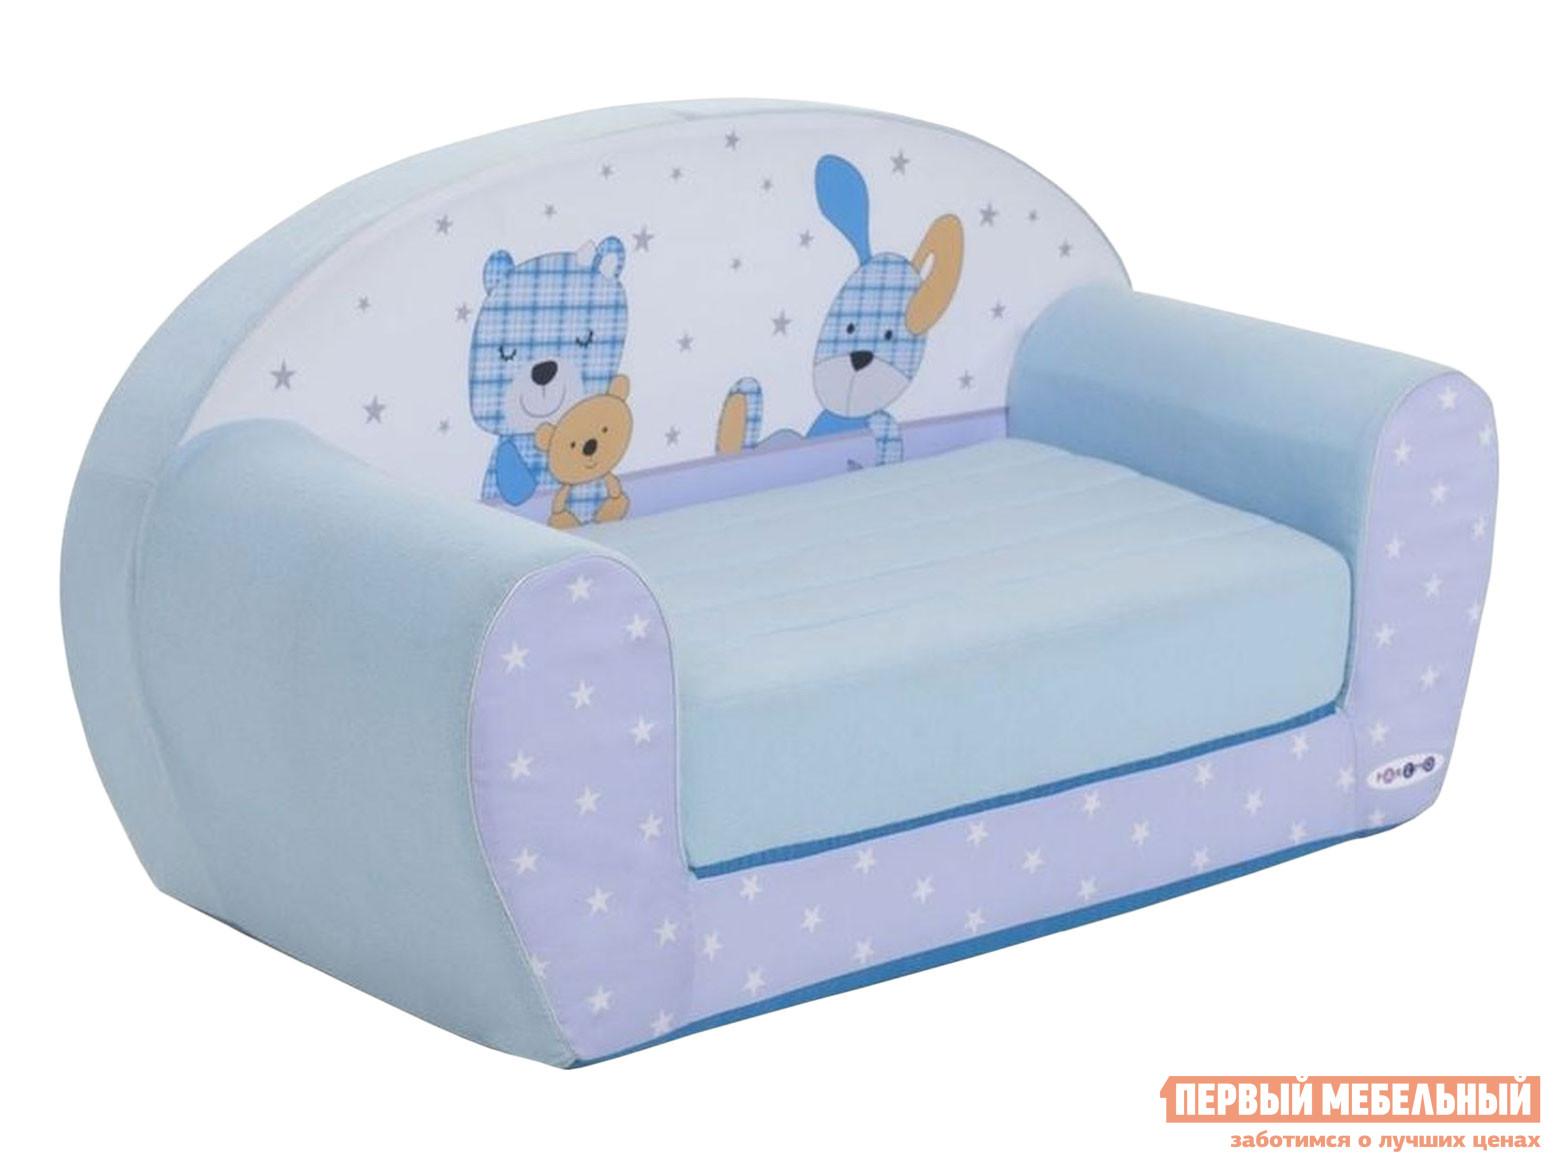 Игровой диванчик ПАРЕМО ООО Раскладной диванчик серии Мимими